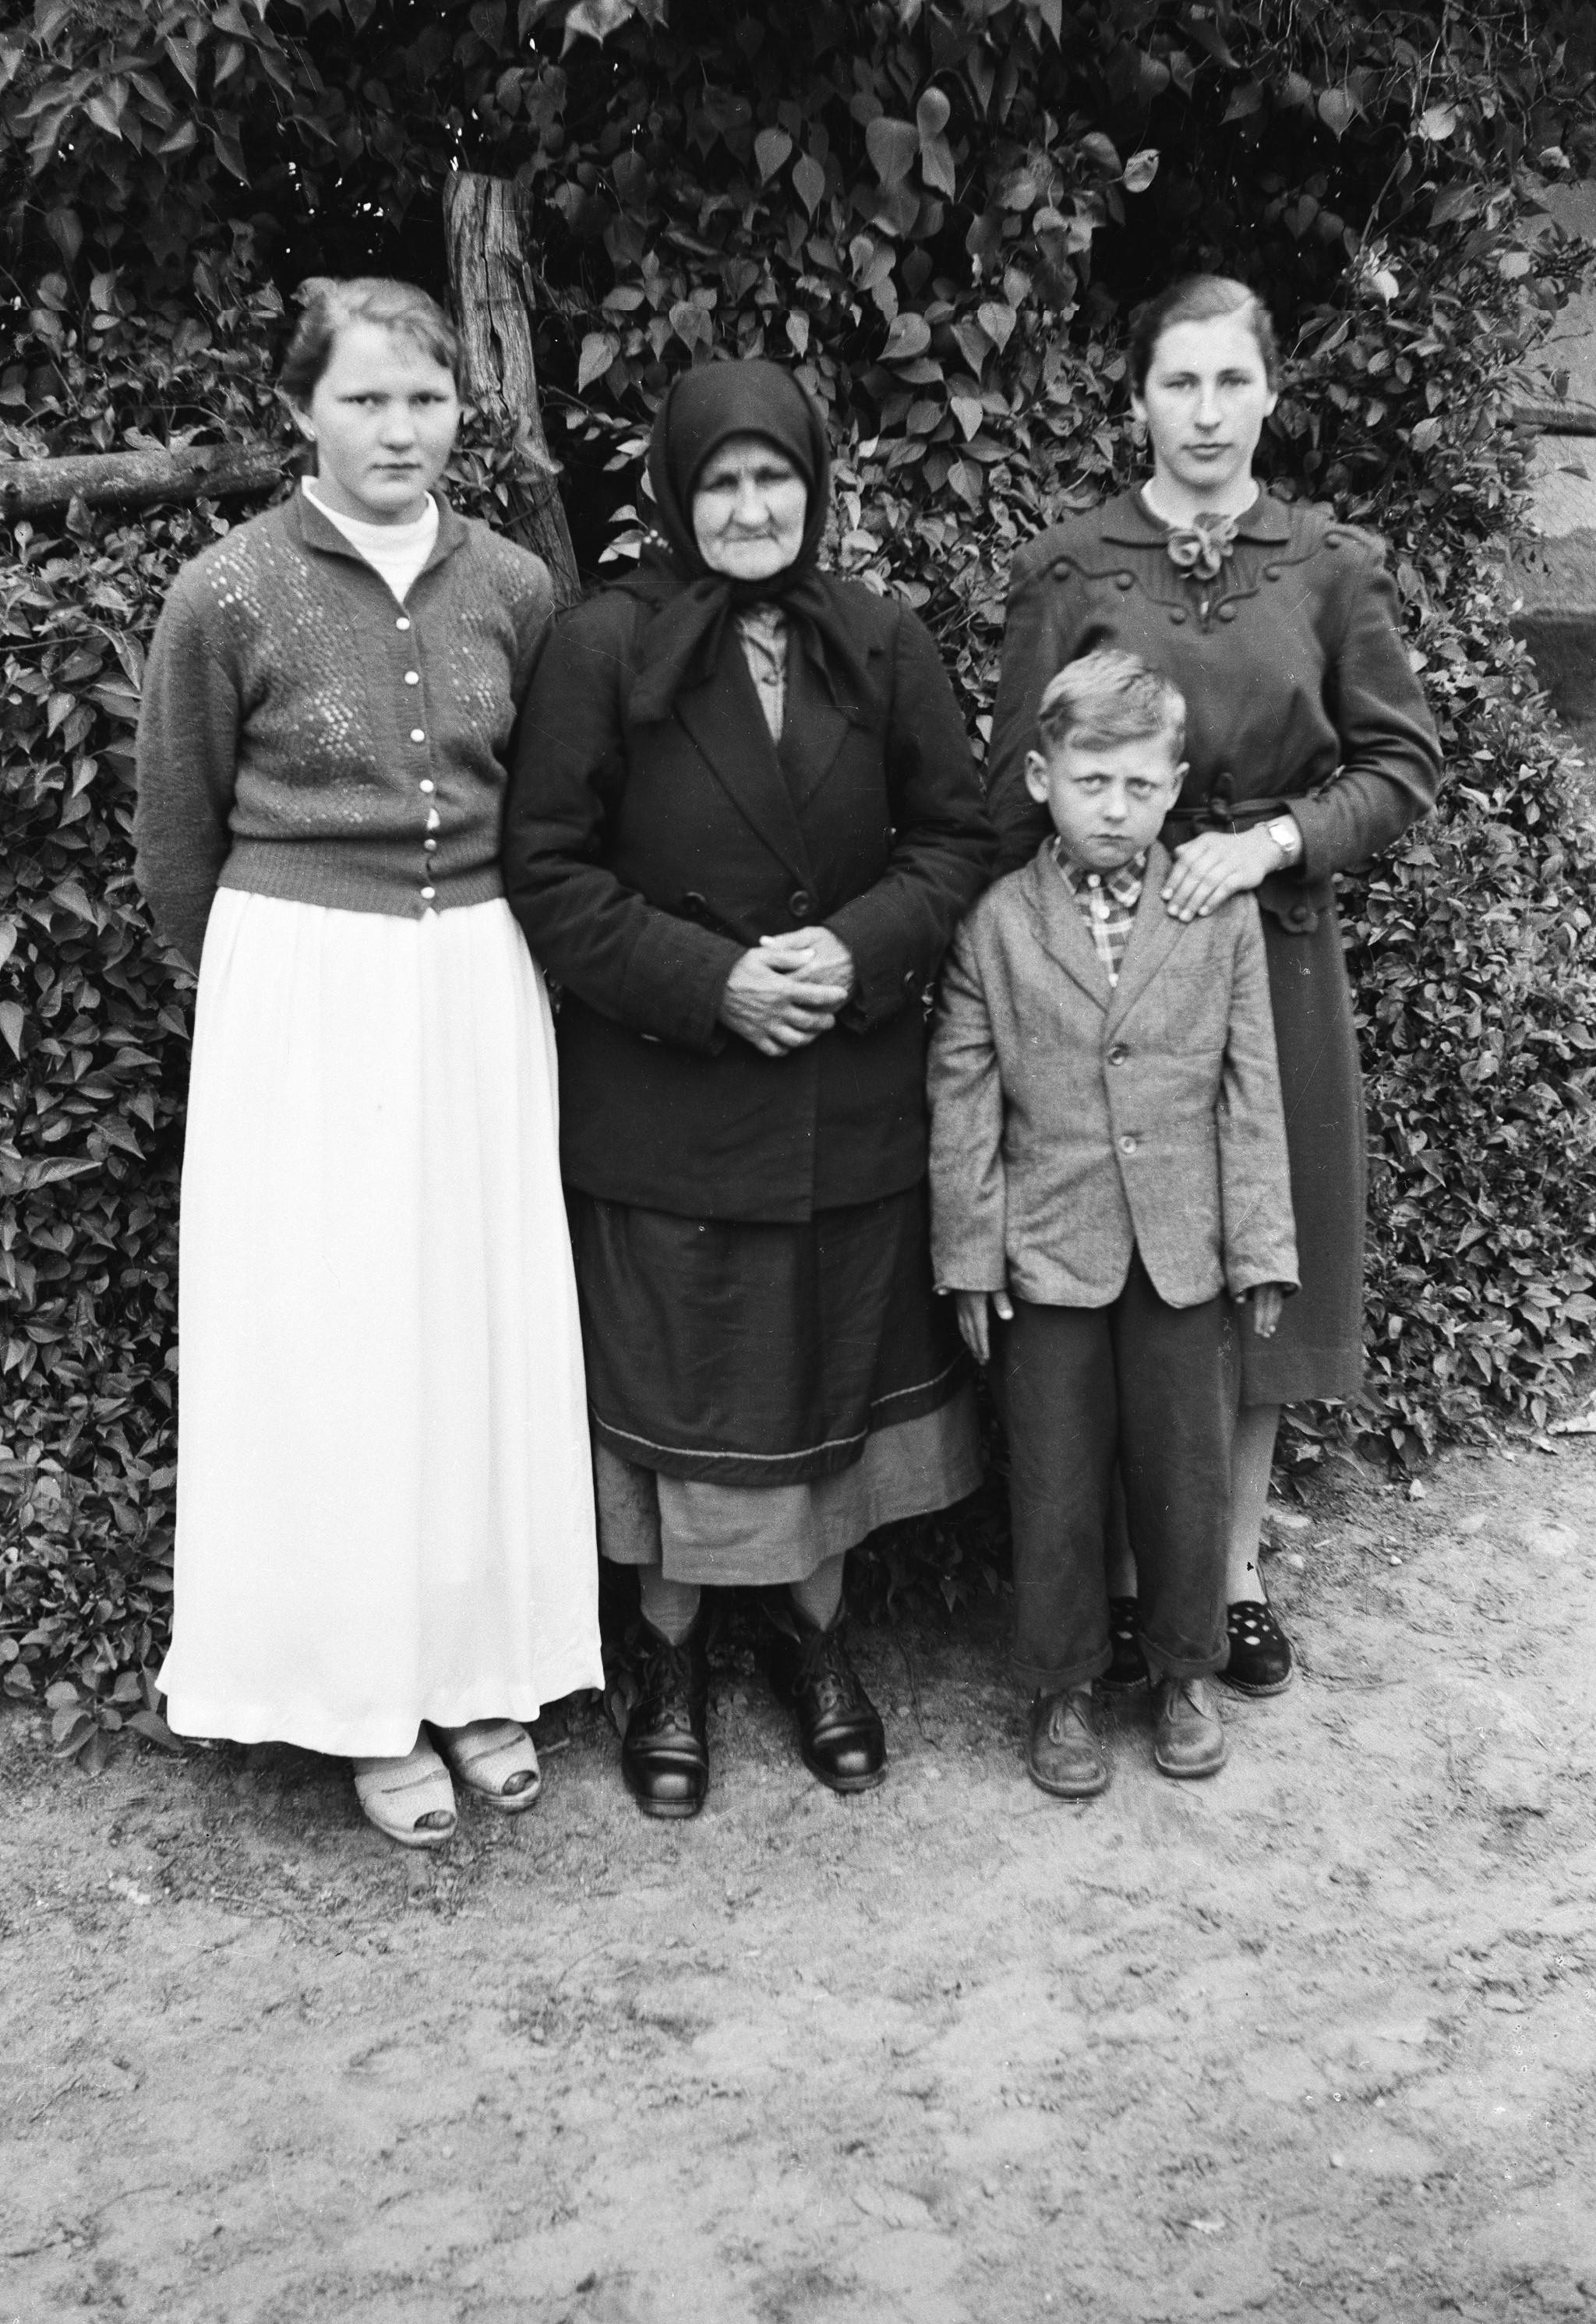 Rodzina Kuczmów, Trzcinica Wołowska, Dolny Śląsk, lata 50. XX w.